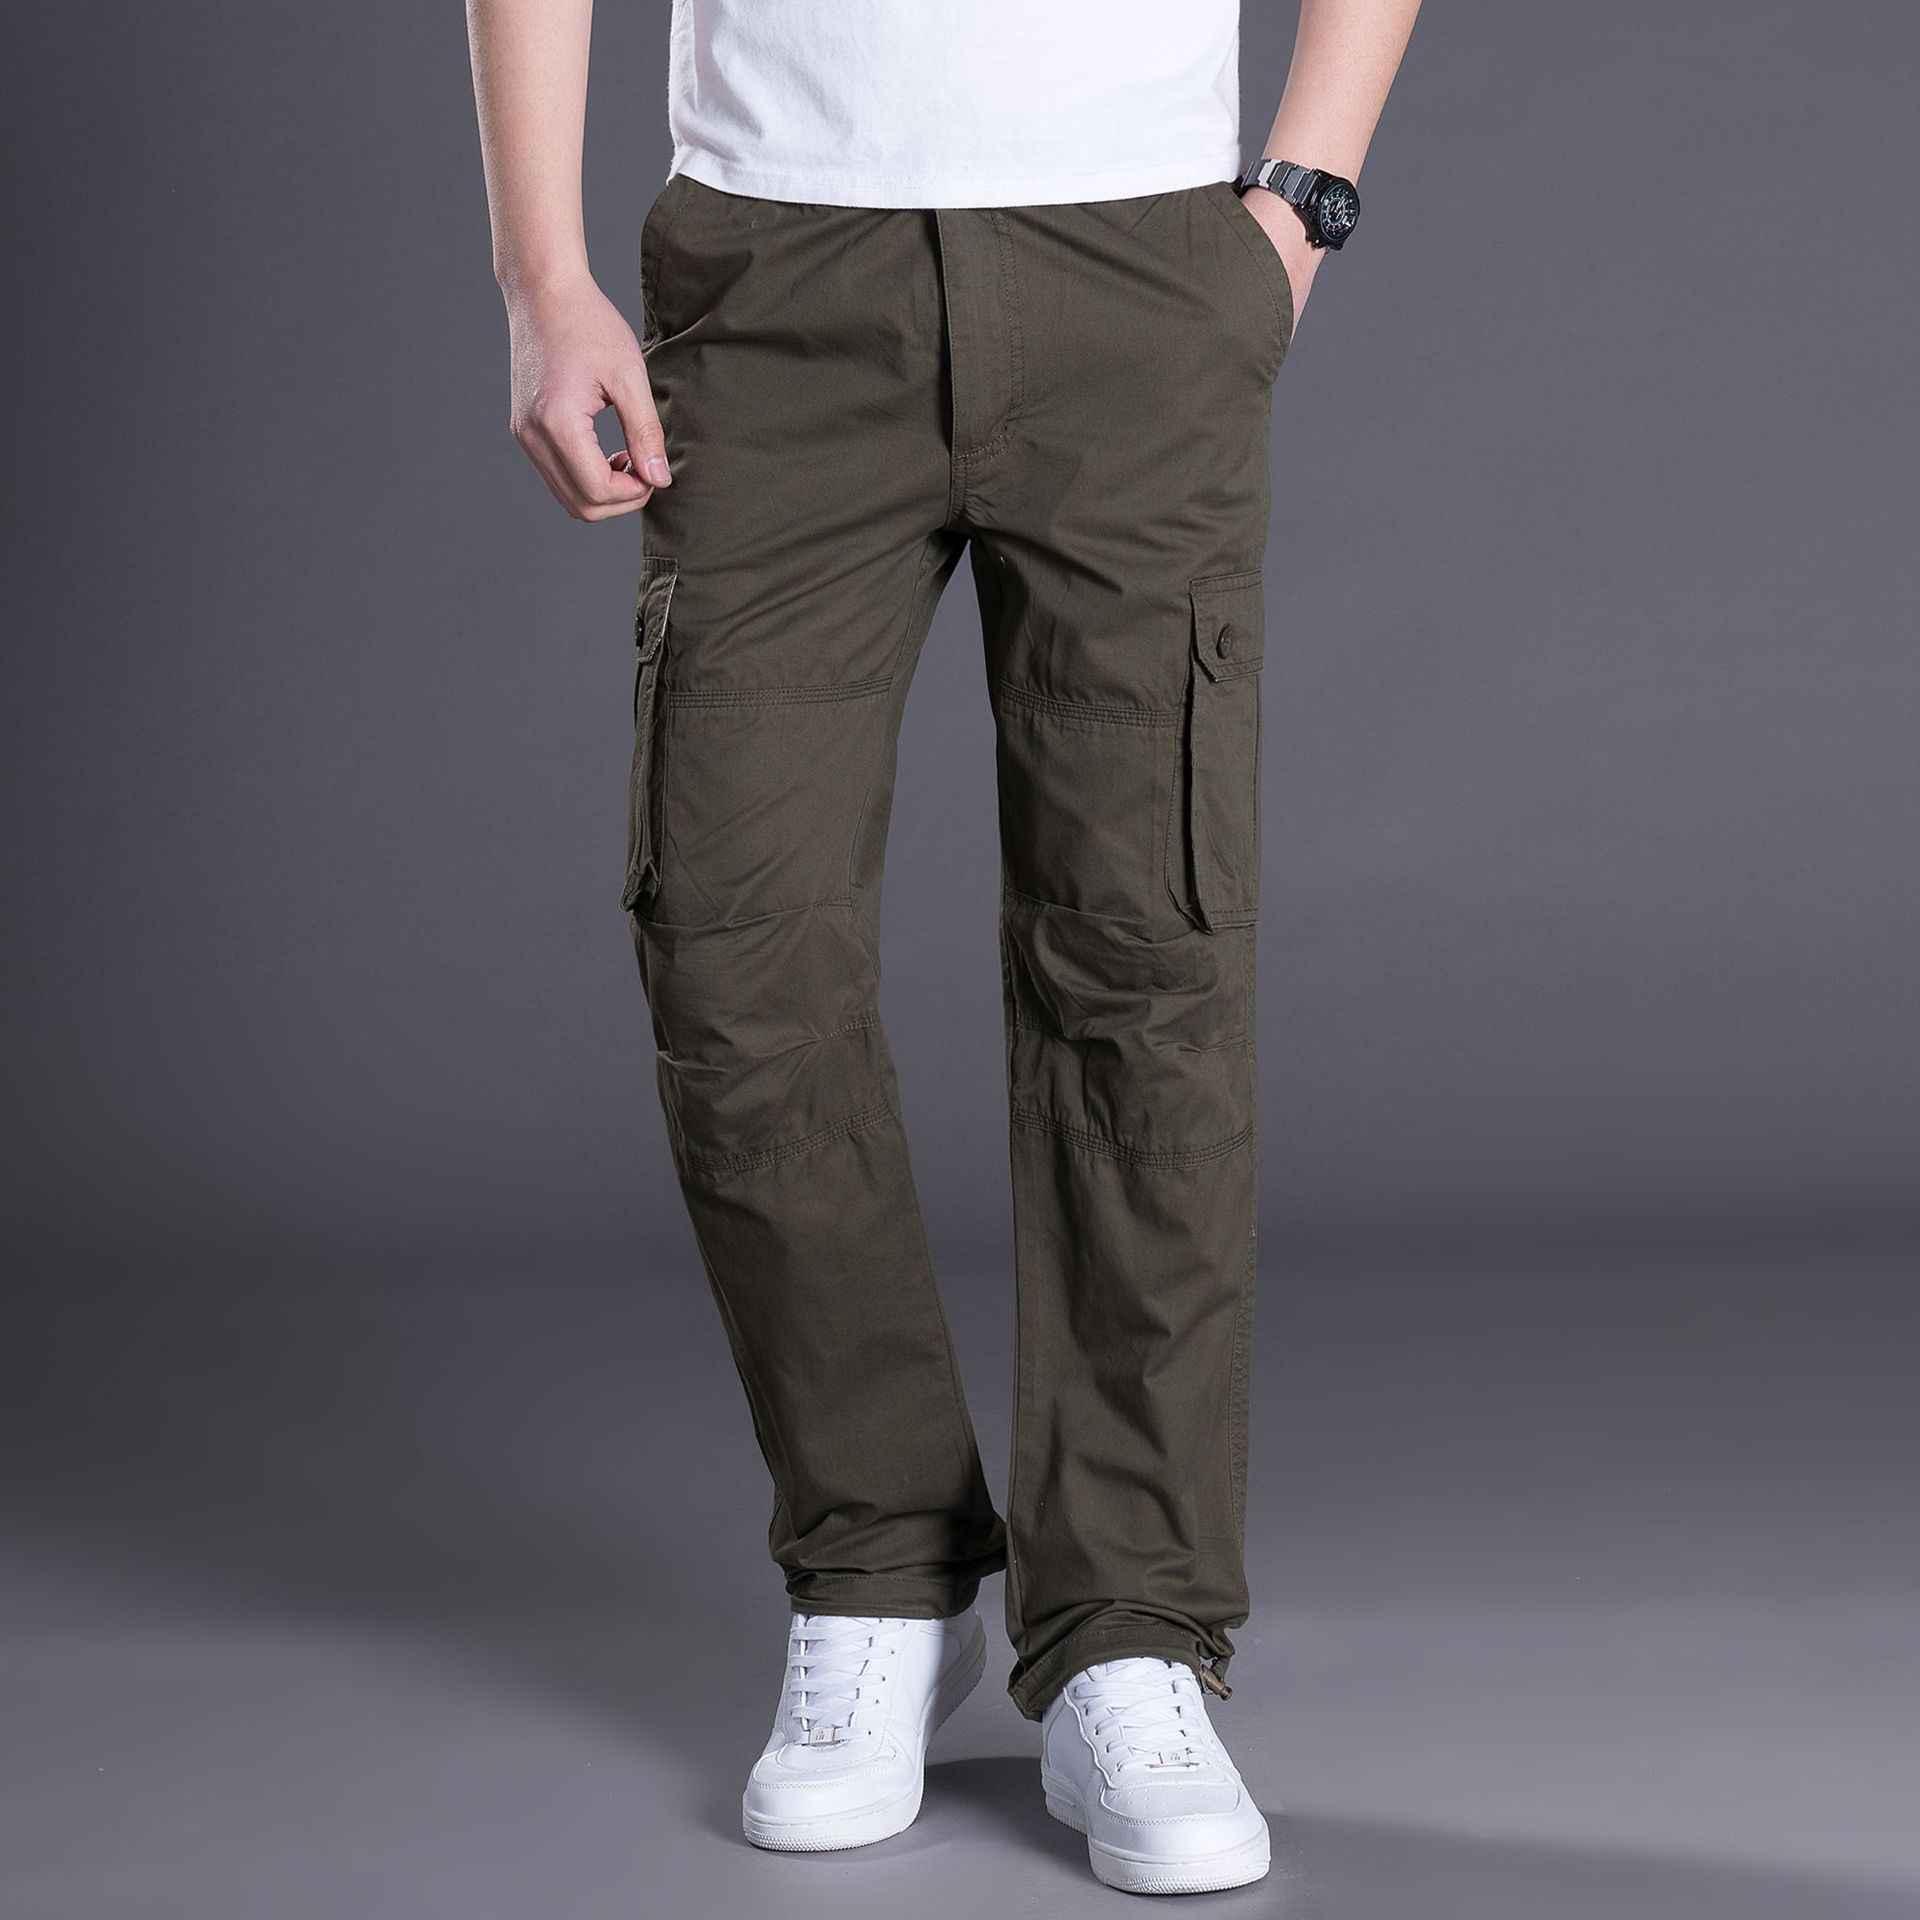 4caa9c7185066 ... Мужские штаны-карго мужской тактический брюки для девочек Военная  Униформа армии стиль повседневное Jogger Camo ...